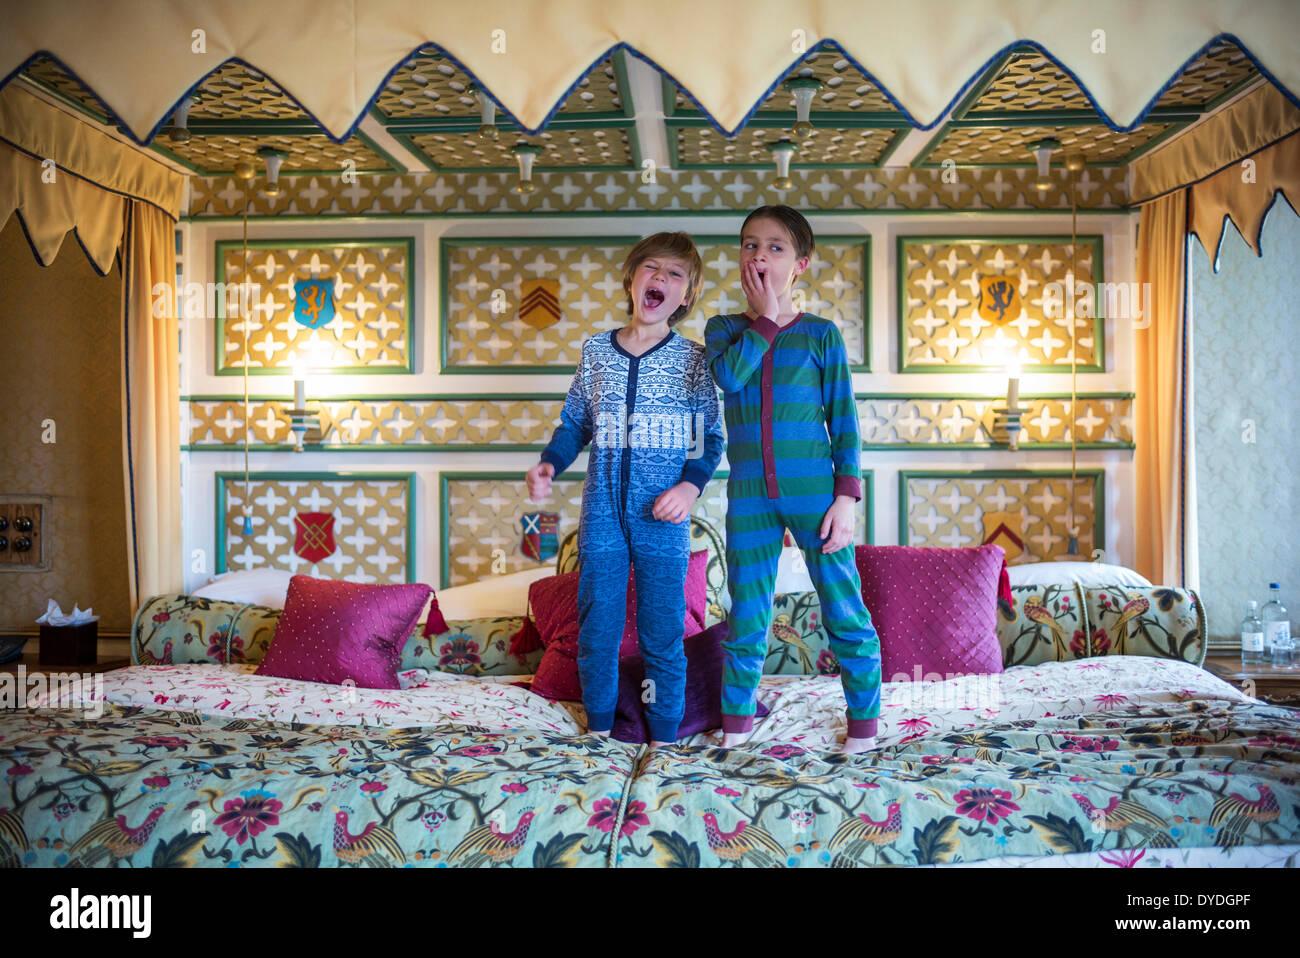 Deux garçons yawning in onesies sur le plus grand hôtel d'Europe à Thornbury Castle. Photo Stock